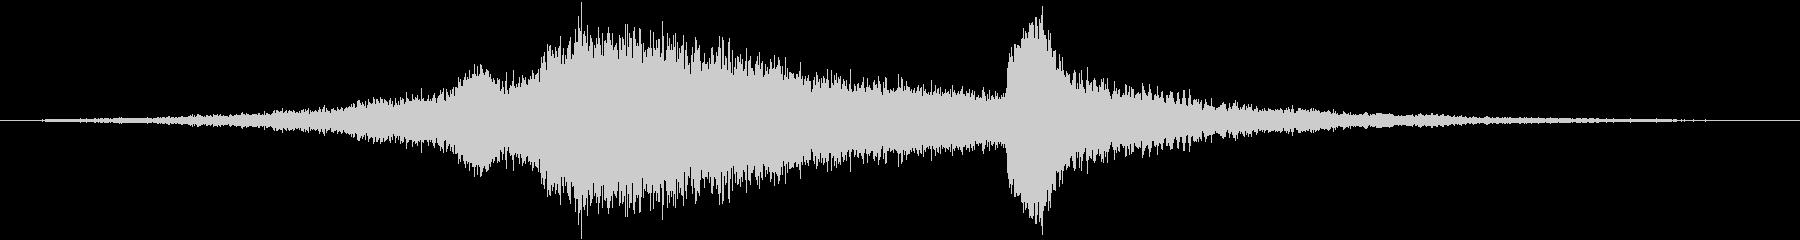 【ホラー】 サウンドスケープ 08の未再生の波形